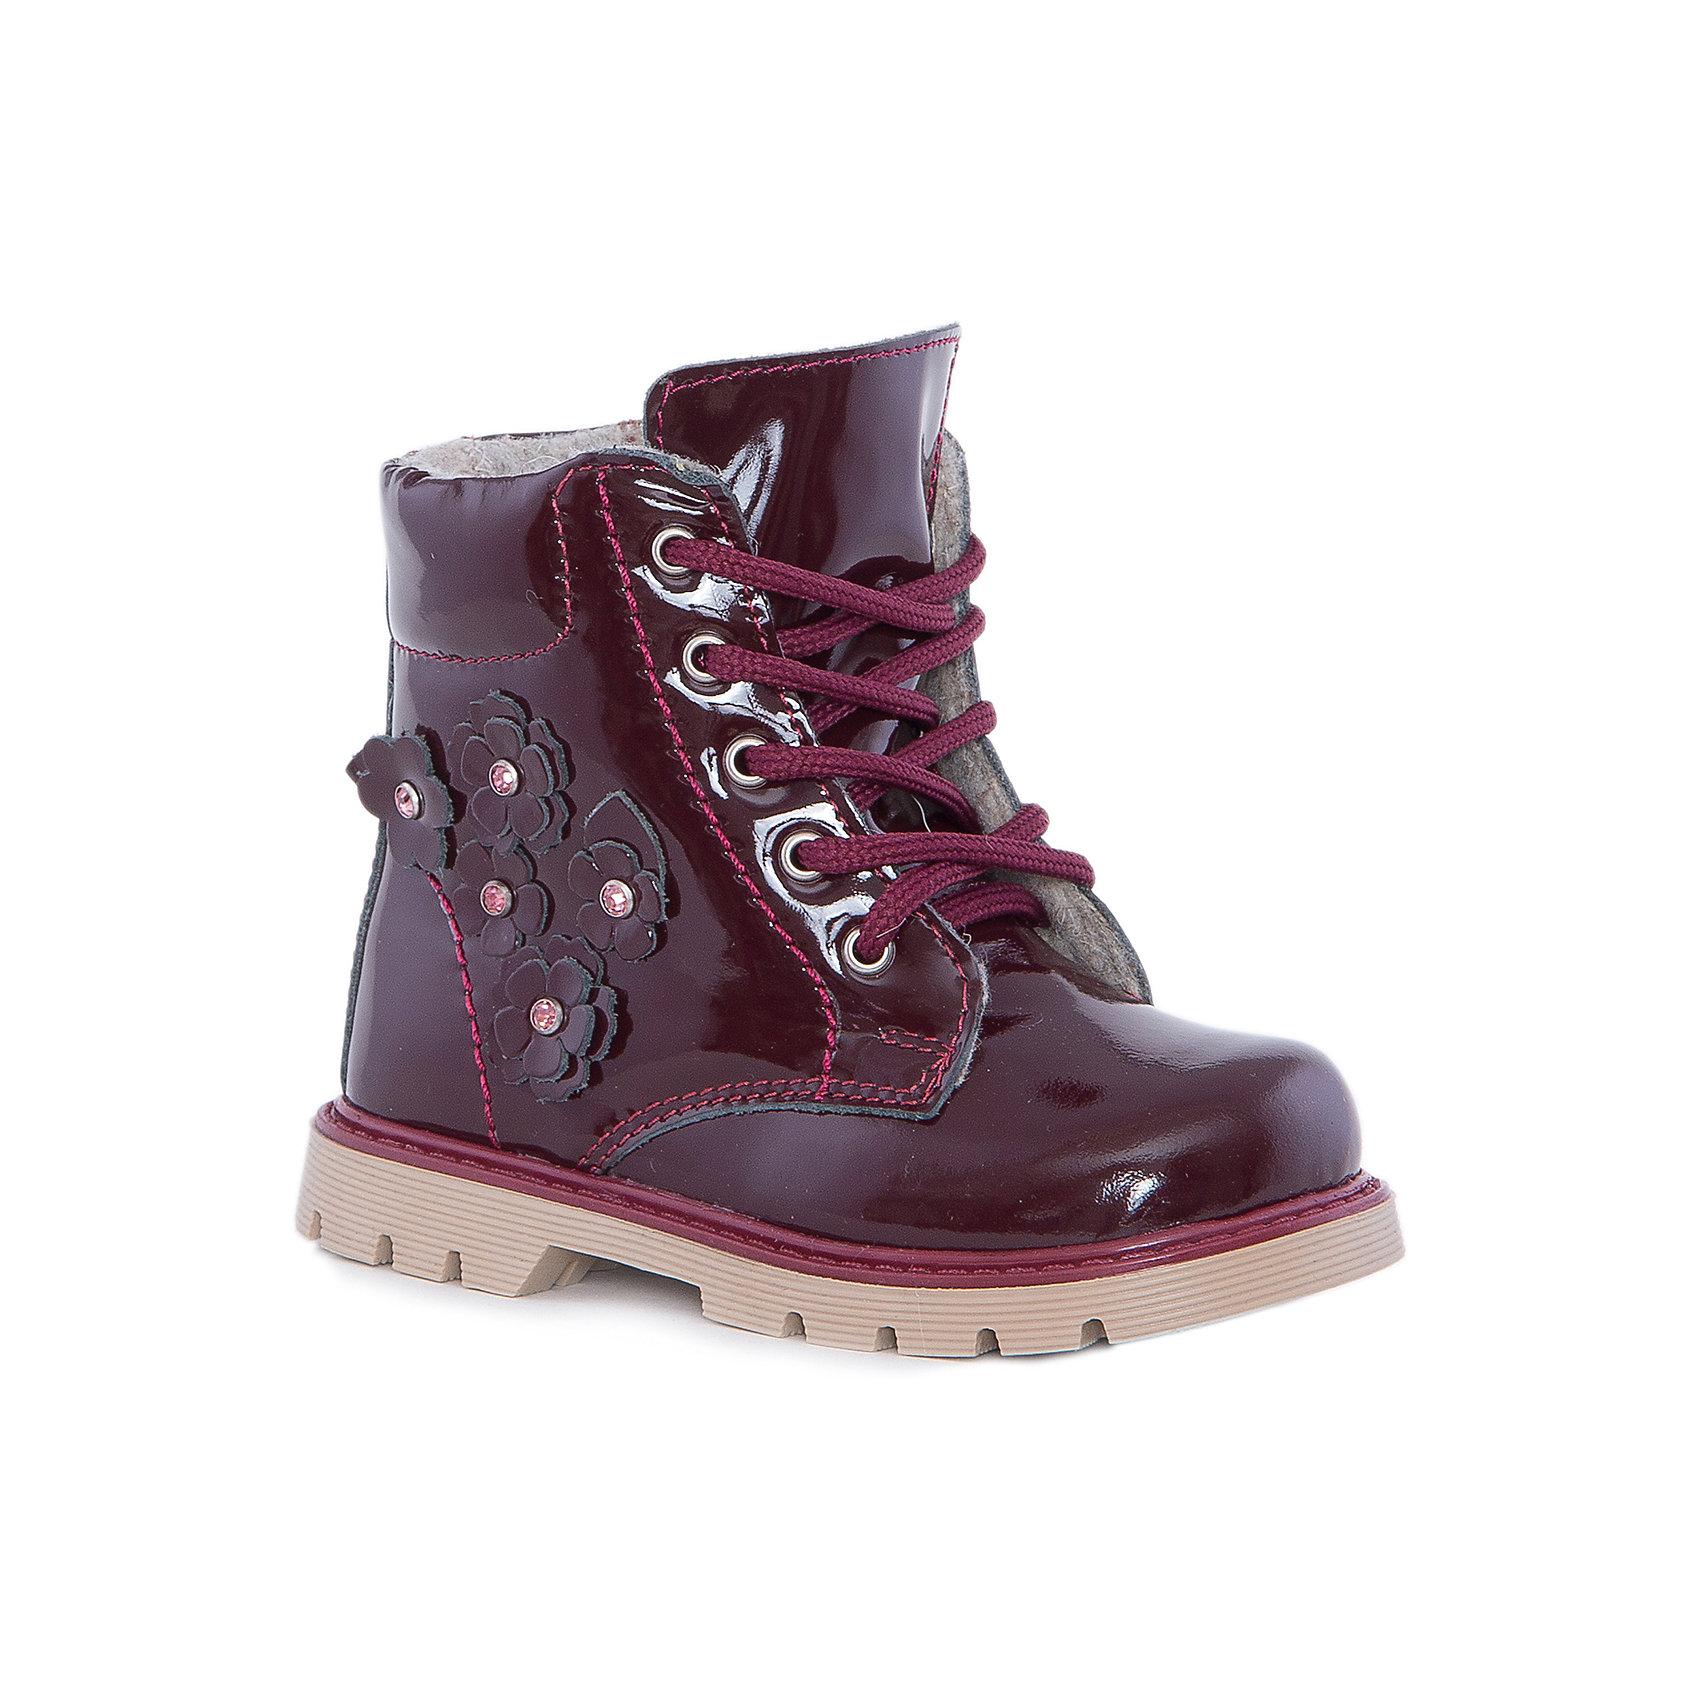 Ботинки для девочки КотофейБотинки для девочки Котофей.<br><br>Характеристики:<br><br>- Внешний материал: натуральная кожа<br>- Внутренний материал: байка<br>- Стелька: байка<br>- Подошва: ТЭП<br>- Тип застежки: молния, шнуровка<br>- Вид крепления обуви: клеевой<br>- Температурный режим до -10С<br>- Цвет: бордовый<br>- Сезон: весна, осень<br>- Пол: для девочек<br><br>Ботинки для девочки торговой марки Котофей - идеальная обувь для межсезонья. Верх модели выполнен из лаковой натуральной кожи с гидрофобными свойствами, подкладка – из утеплённой, полушерстяной байки. Мягкий манжет создает комфорт при ходьбе и предотвращает натирание ножки ребенка. Удобная застежка-молния позволяет легко обувать и снимать ботинки, а функциональная шнуровка обеспечит идеальную фиксацию обуви на стопе. Прочная подошва с небольшим каблуком не позволит проникнуть холоду внутрь обуви. Модель украшена нежными цветами со стразами. Детская обувь «Котофей» качественна, красива, добротна, комфортна и долговечна. Она производится на Егорьевской обувной фабрике. Жесткий контроль производства и постоянное совершенствование технологий при многолетнем опыте позволяют считать компанию одним из лидеров среди отечественных производителей детской обуви.<br><br>Ботинки для девочки Котофей можно купить в нашем интернет-магазине.<br><br>Ширина мм: 262<br>Глубина мм: 176<br>Высота мм: 97<br>Вес г: 427<br>Цвет: бордовый<br>Возраст от месяцев: 24<br>Возраст до месяцев: 36<br>Пол: Женский<br>Возраст: Детский<br>Размер: 26,29,25,27,28<br>SKU: 5023948